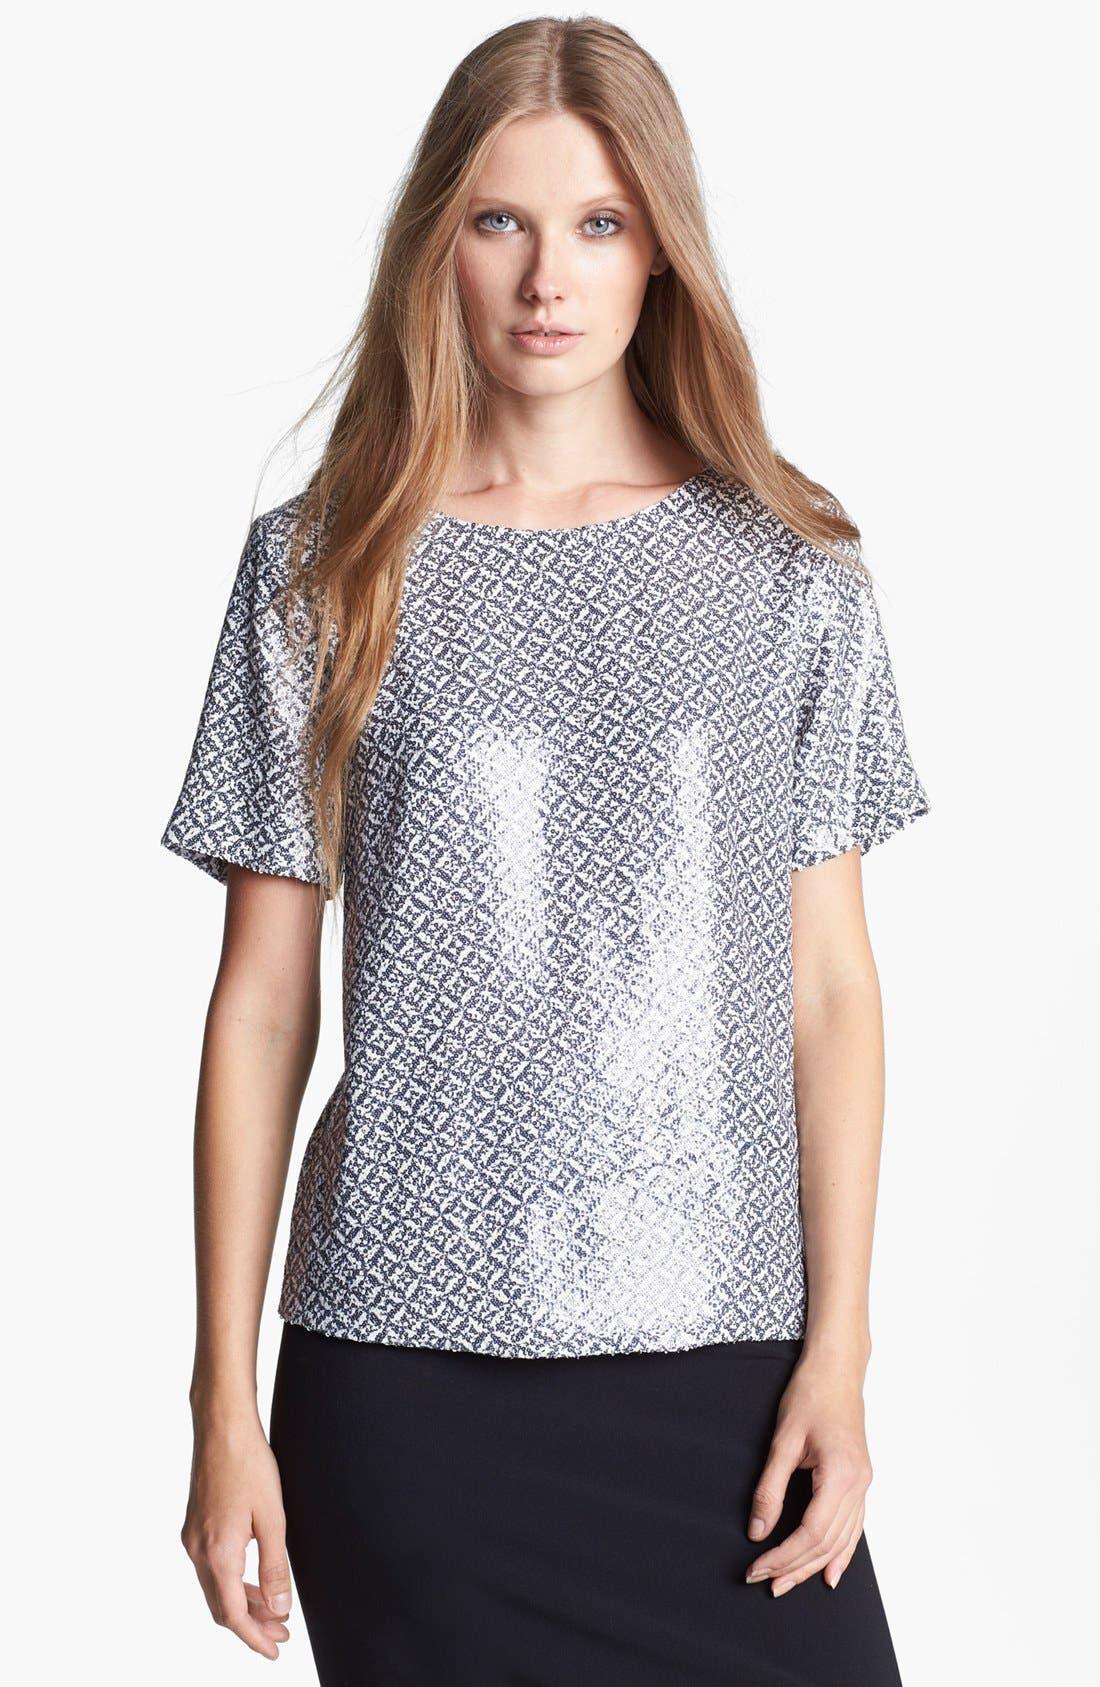 Alternate Image 1 Selected - Joie 'Reya' Sequin Silk Top